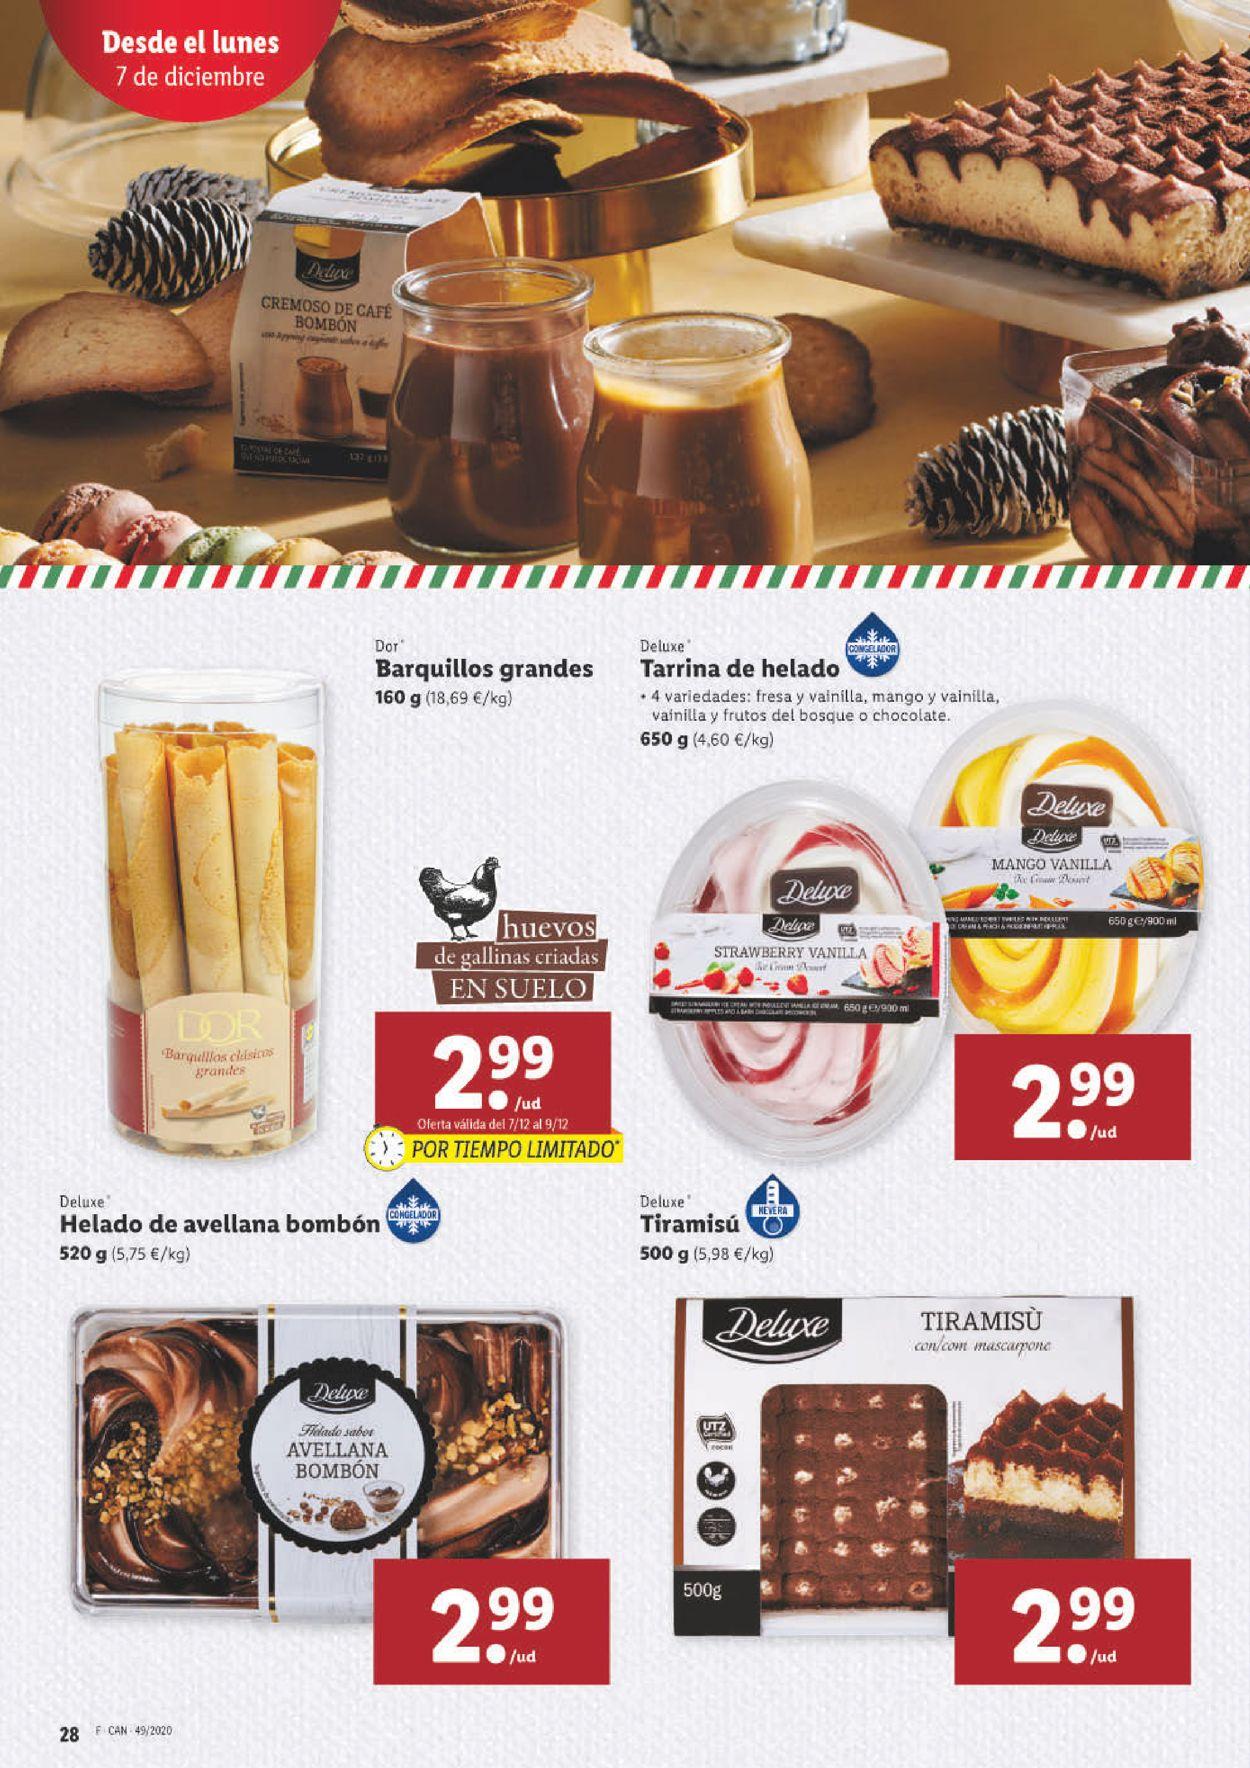 Lidl Folleto - 03.12-09.12.2020 (Página 28)